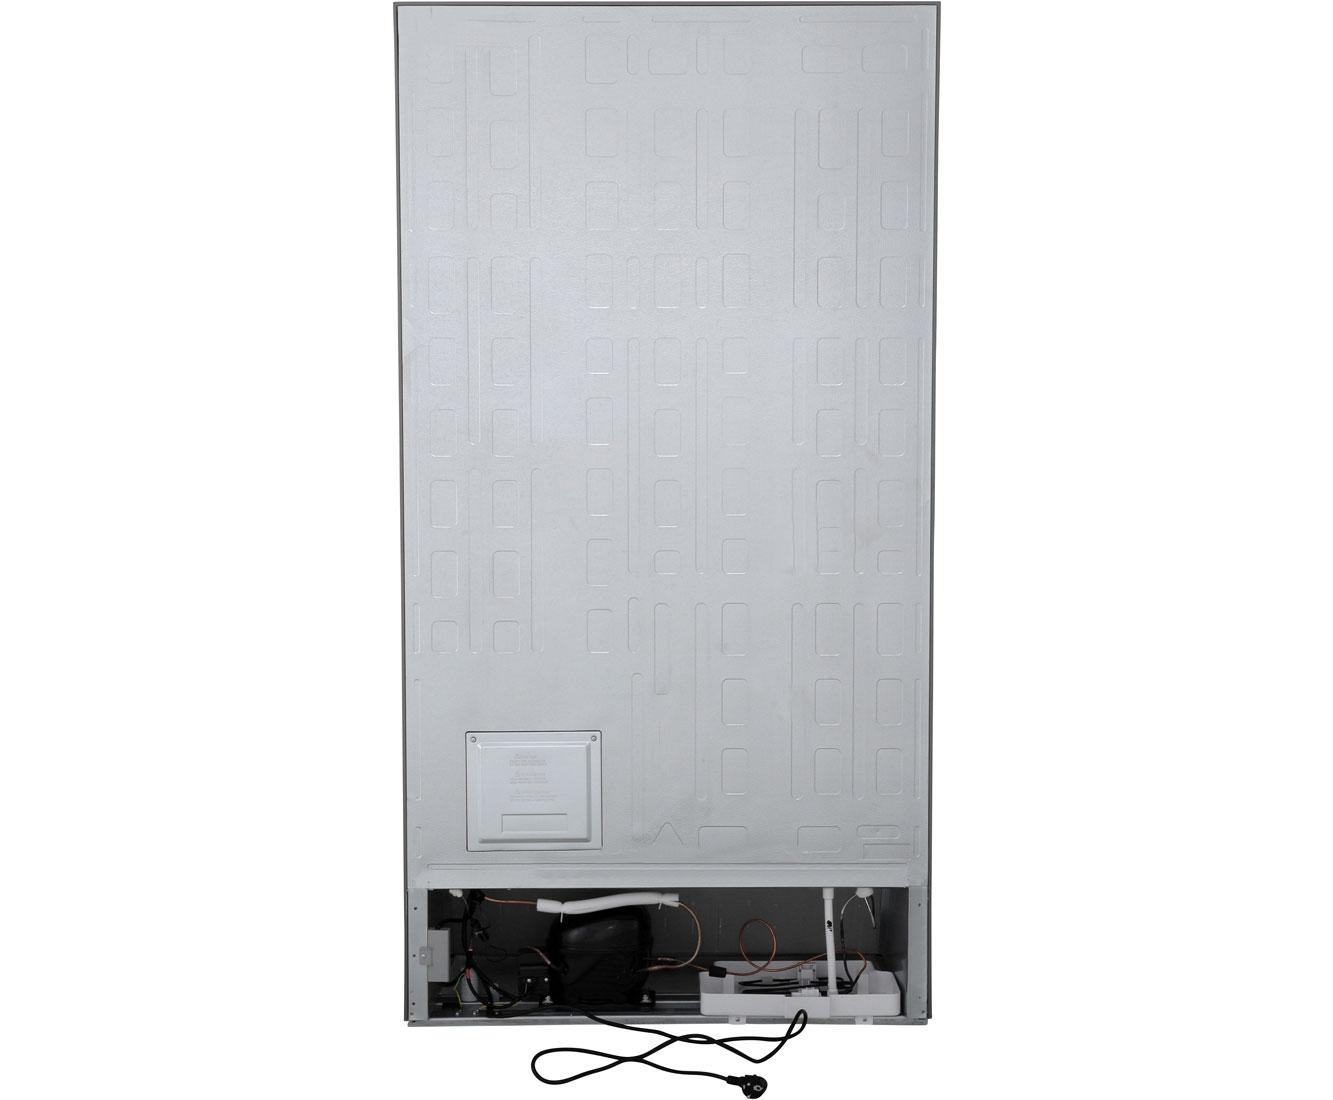 Amerikanischer Kühlschrank Mit Fernseher : Hisense sbs 562 na el amerikanischer side by side 562l edelstahl